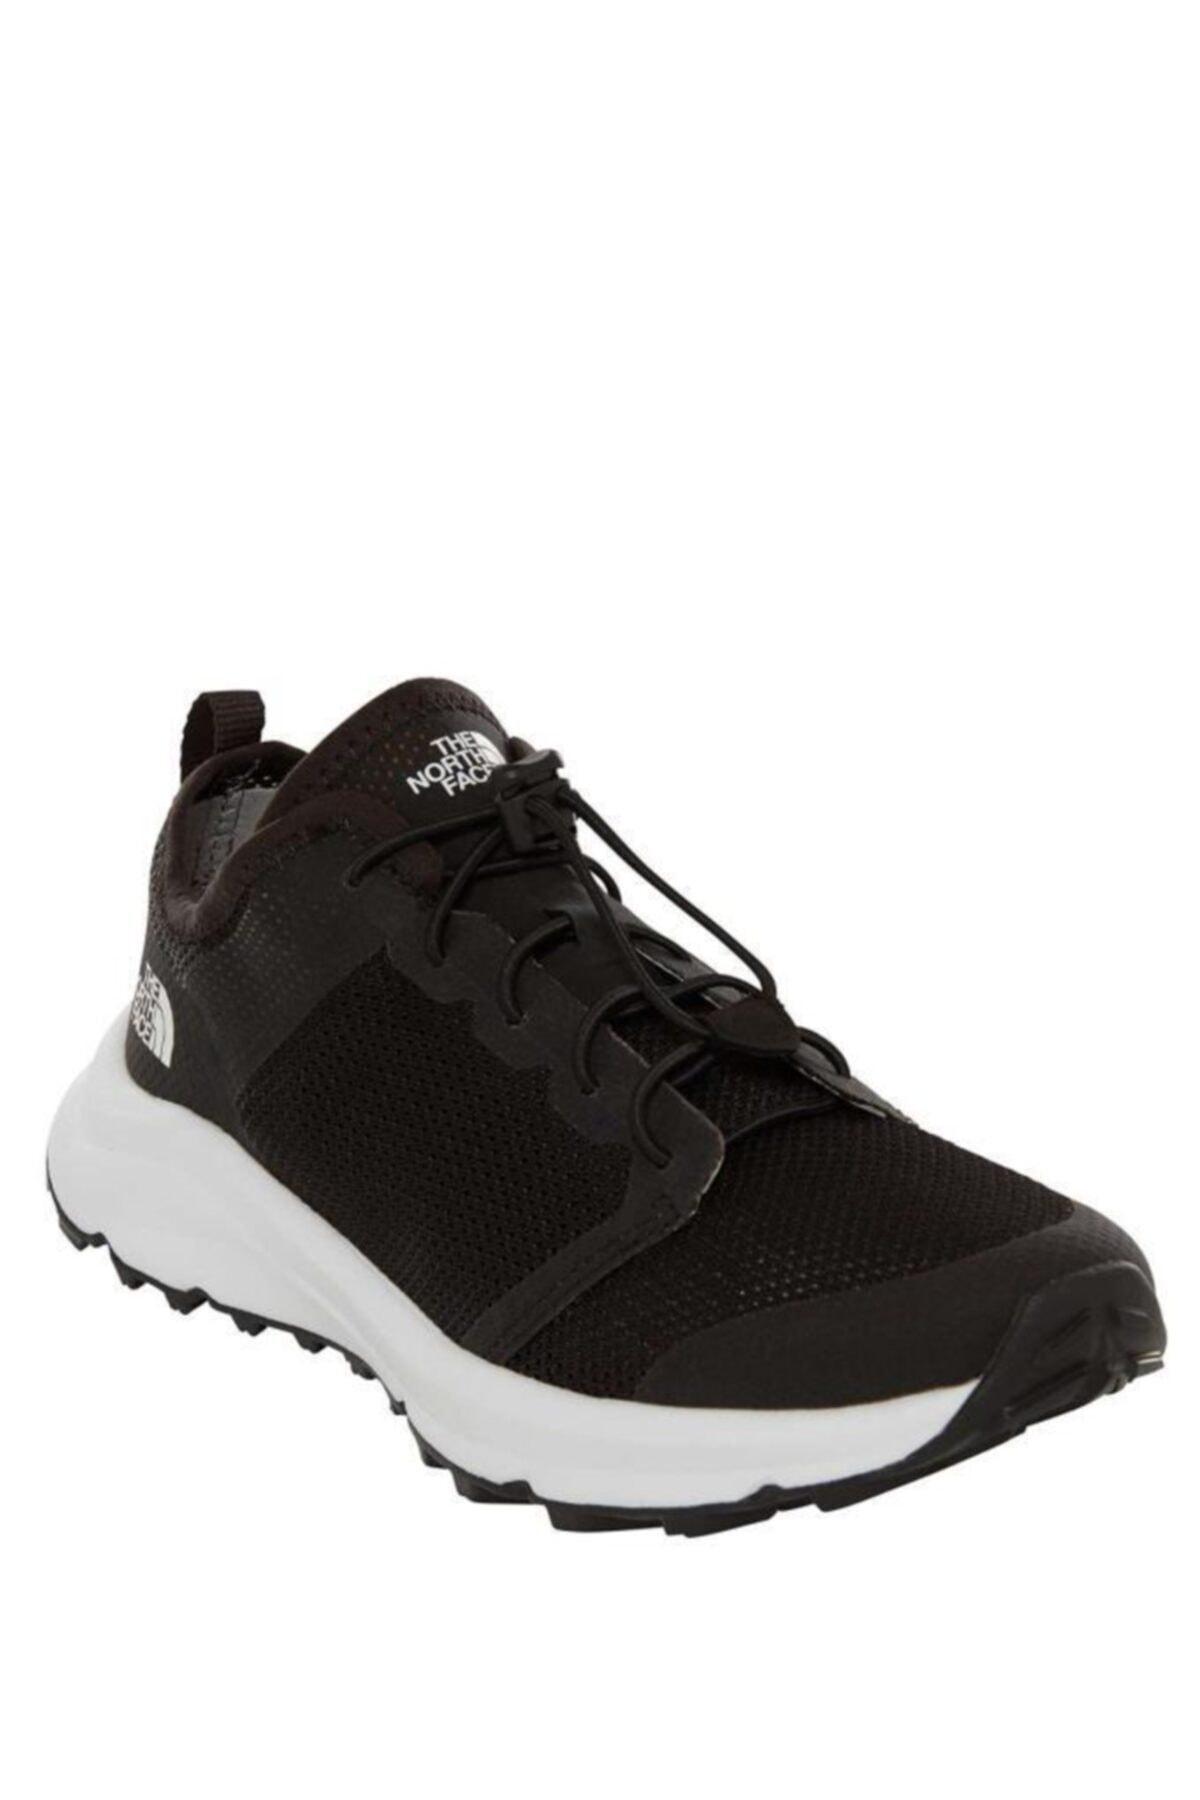 THE NORTH FACE NF0A3RDUKY41 Siyah Kadın Sneaker Ayakkabı 100576589 1